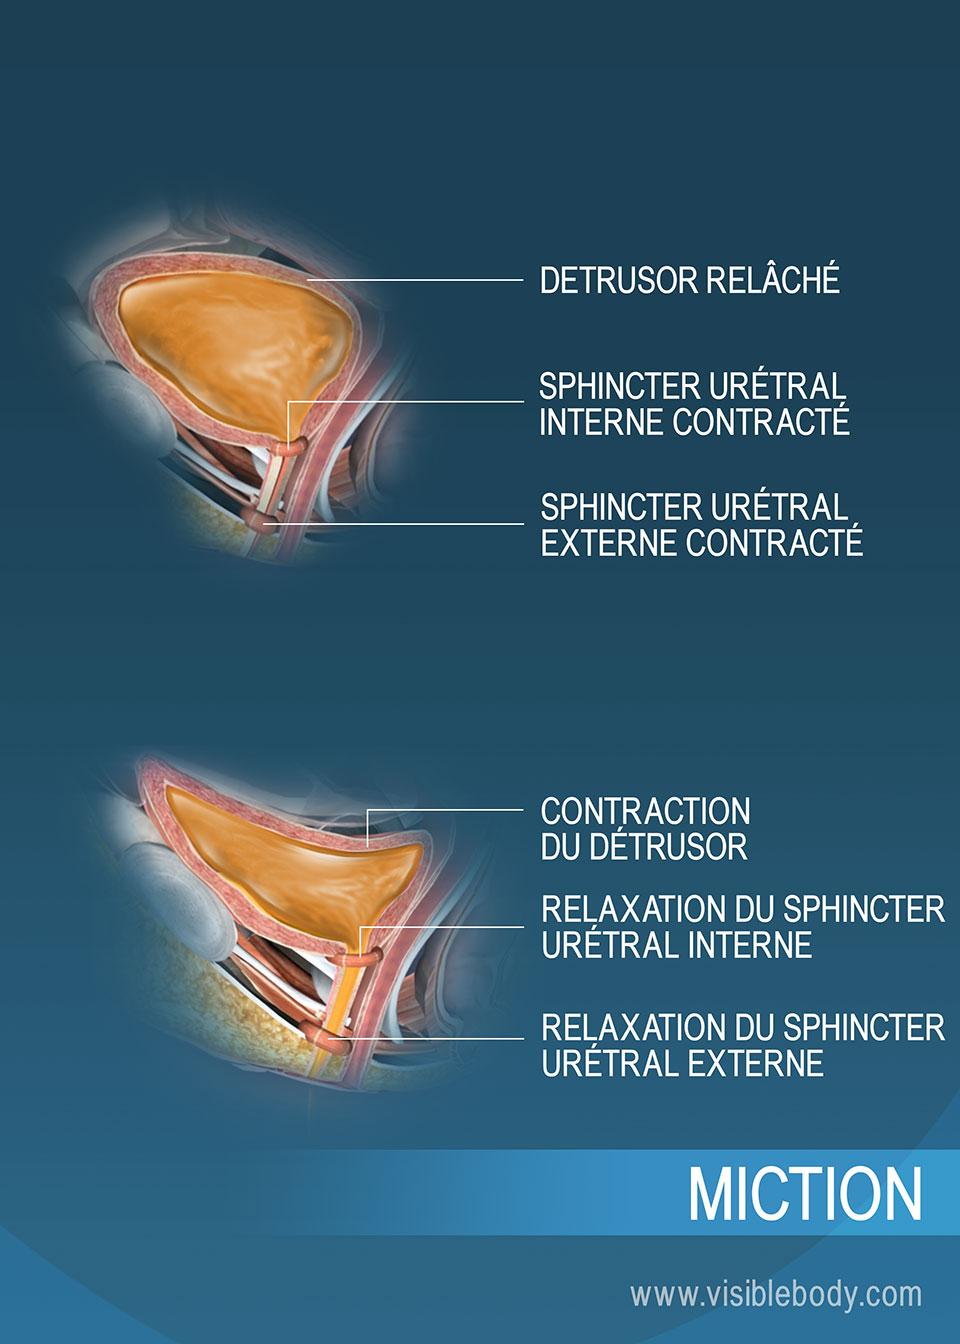 Vessie stockant l'urine, et vessie au cours de la miction, avec les sphincters urétraux et le détrusor facilitant le processus